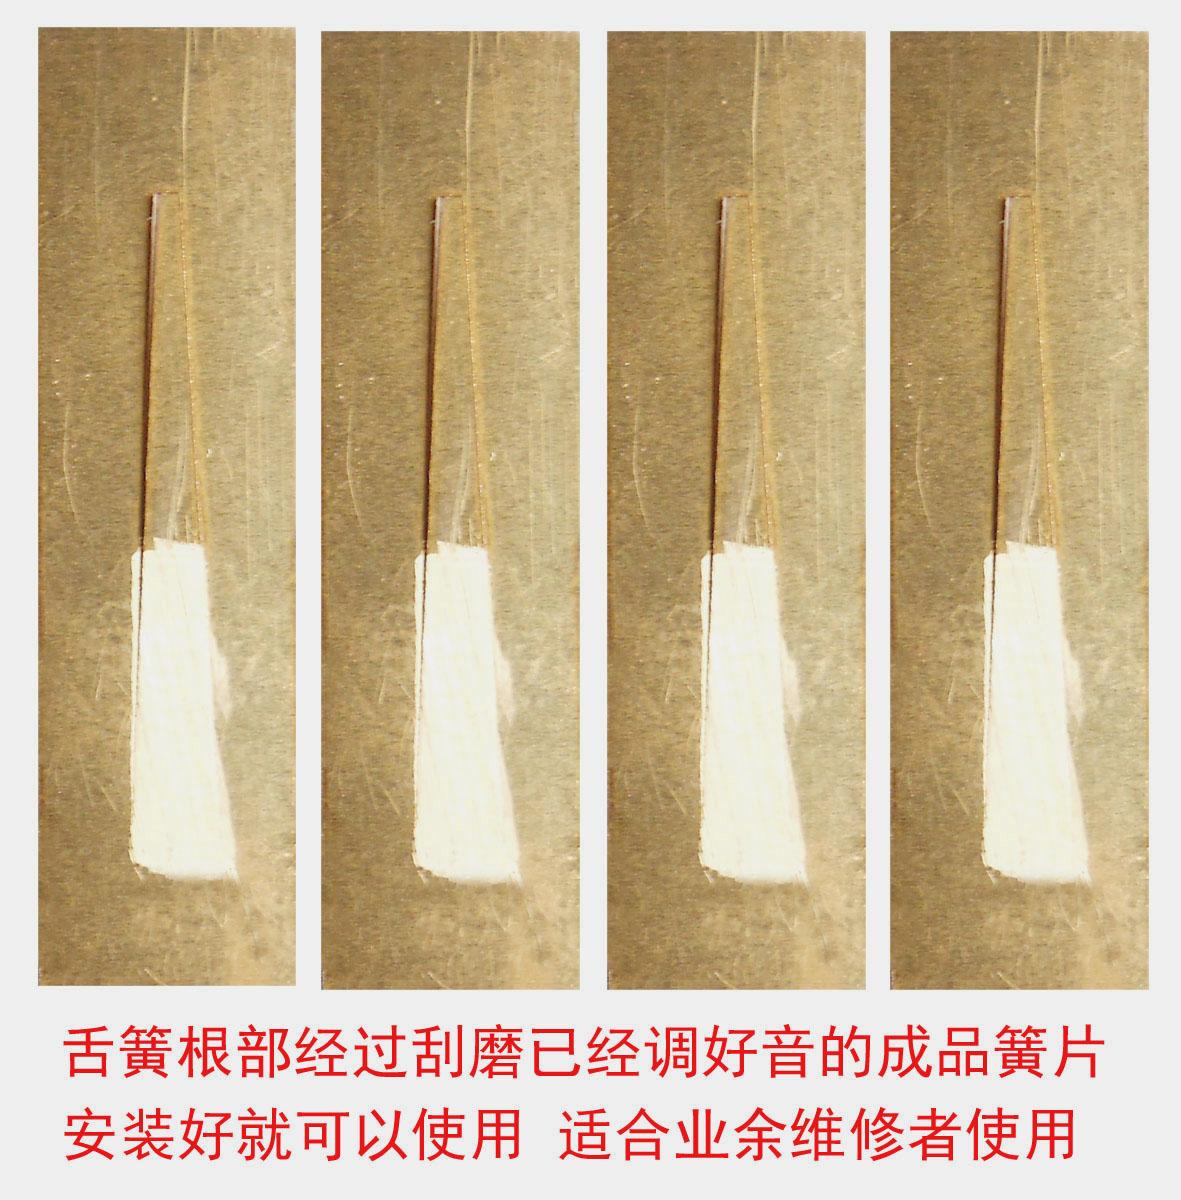 装上就能用的葫芦丝巴乌配件簧片D调C调降B调G调F调乐器配件。